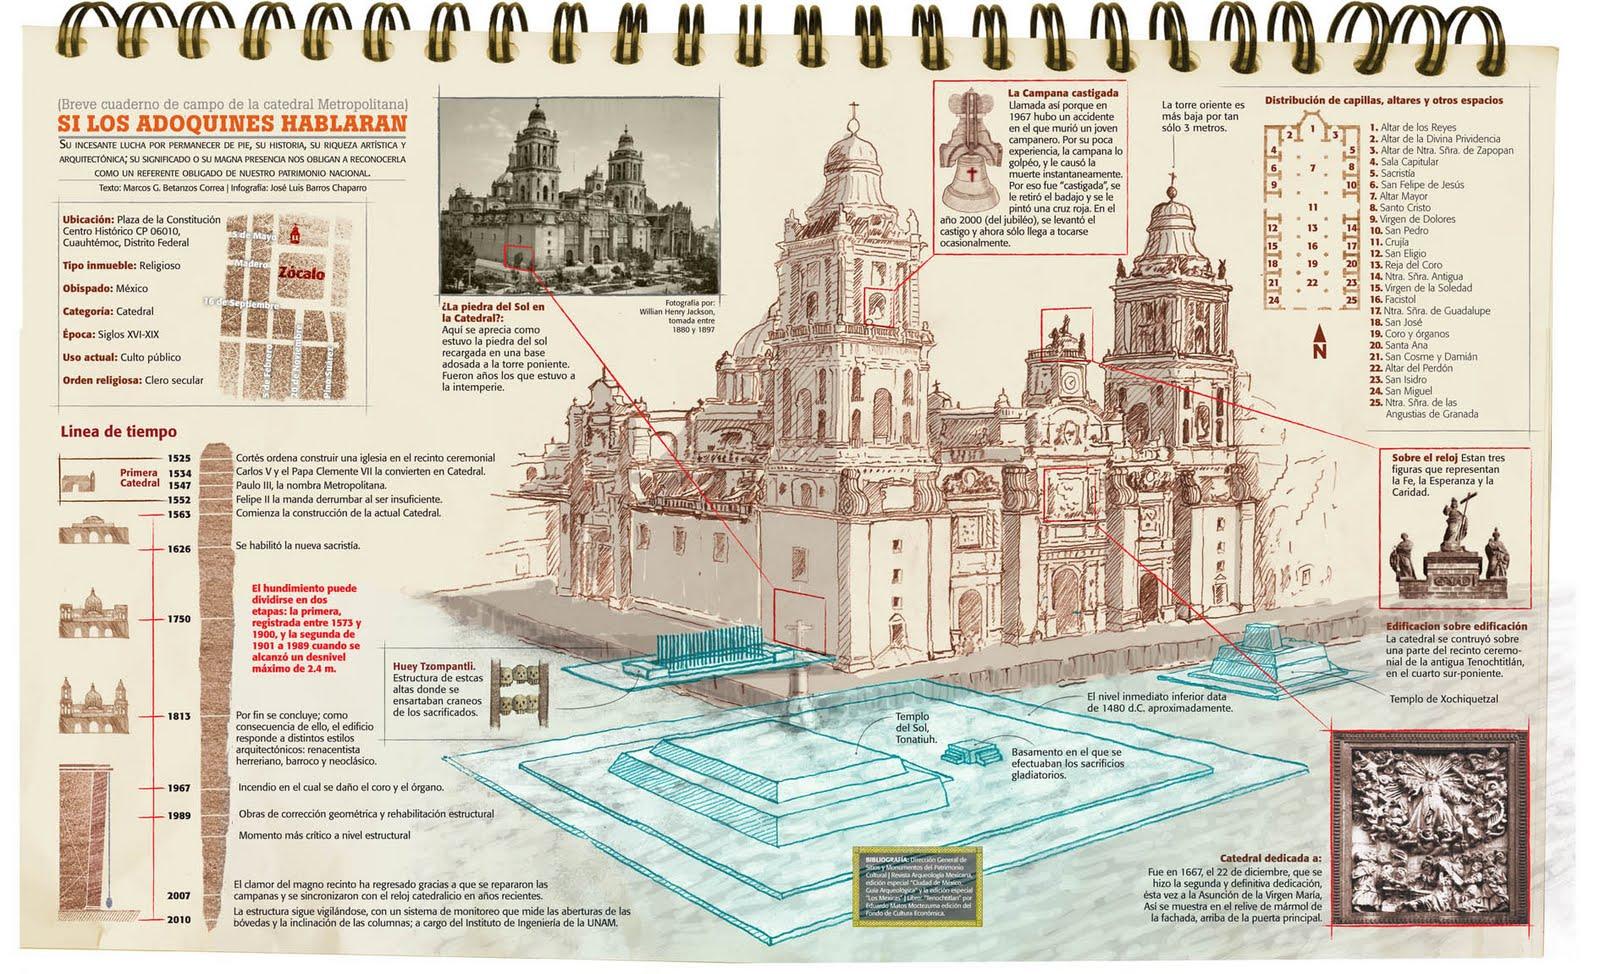 Infografia salle 2010 agosto 2010 for Infografia arquitectura